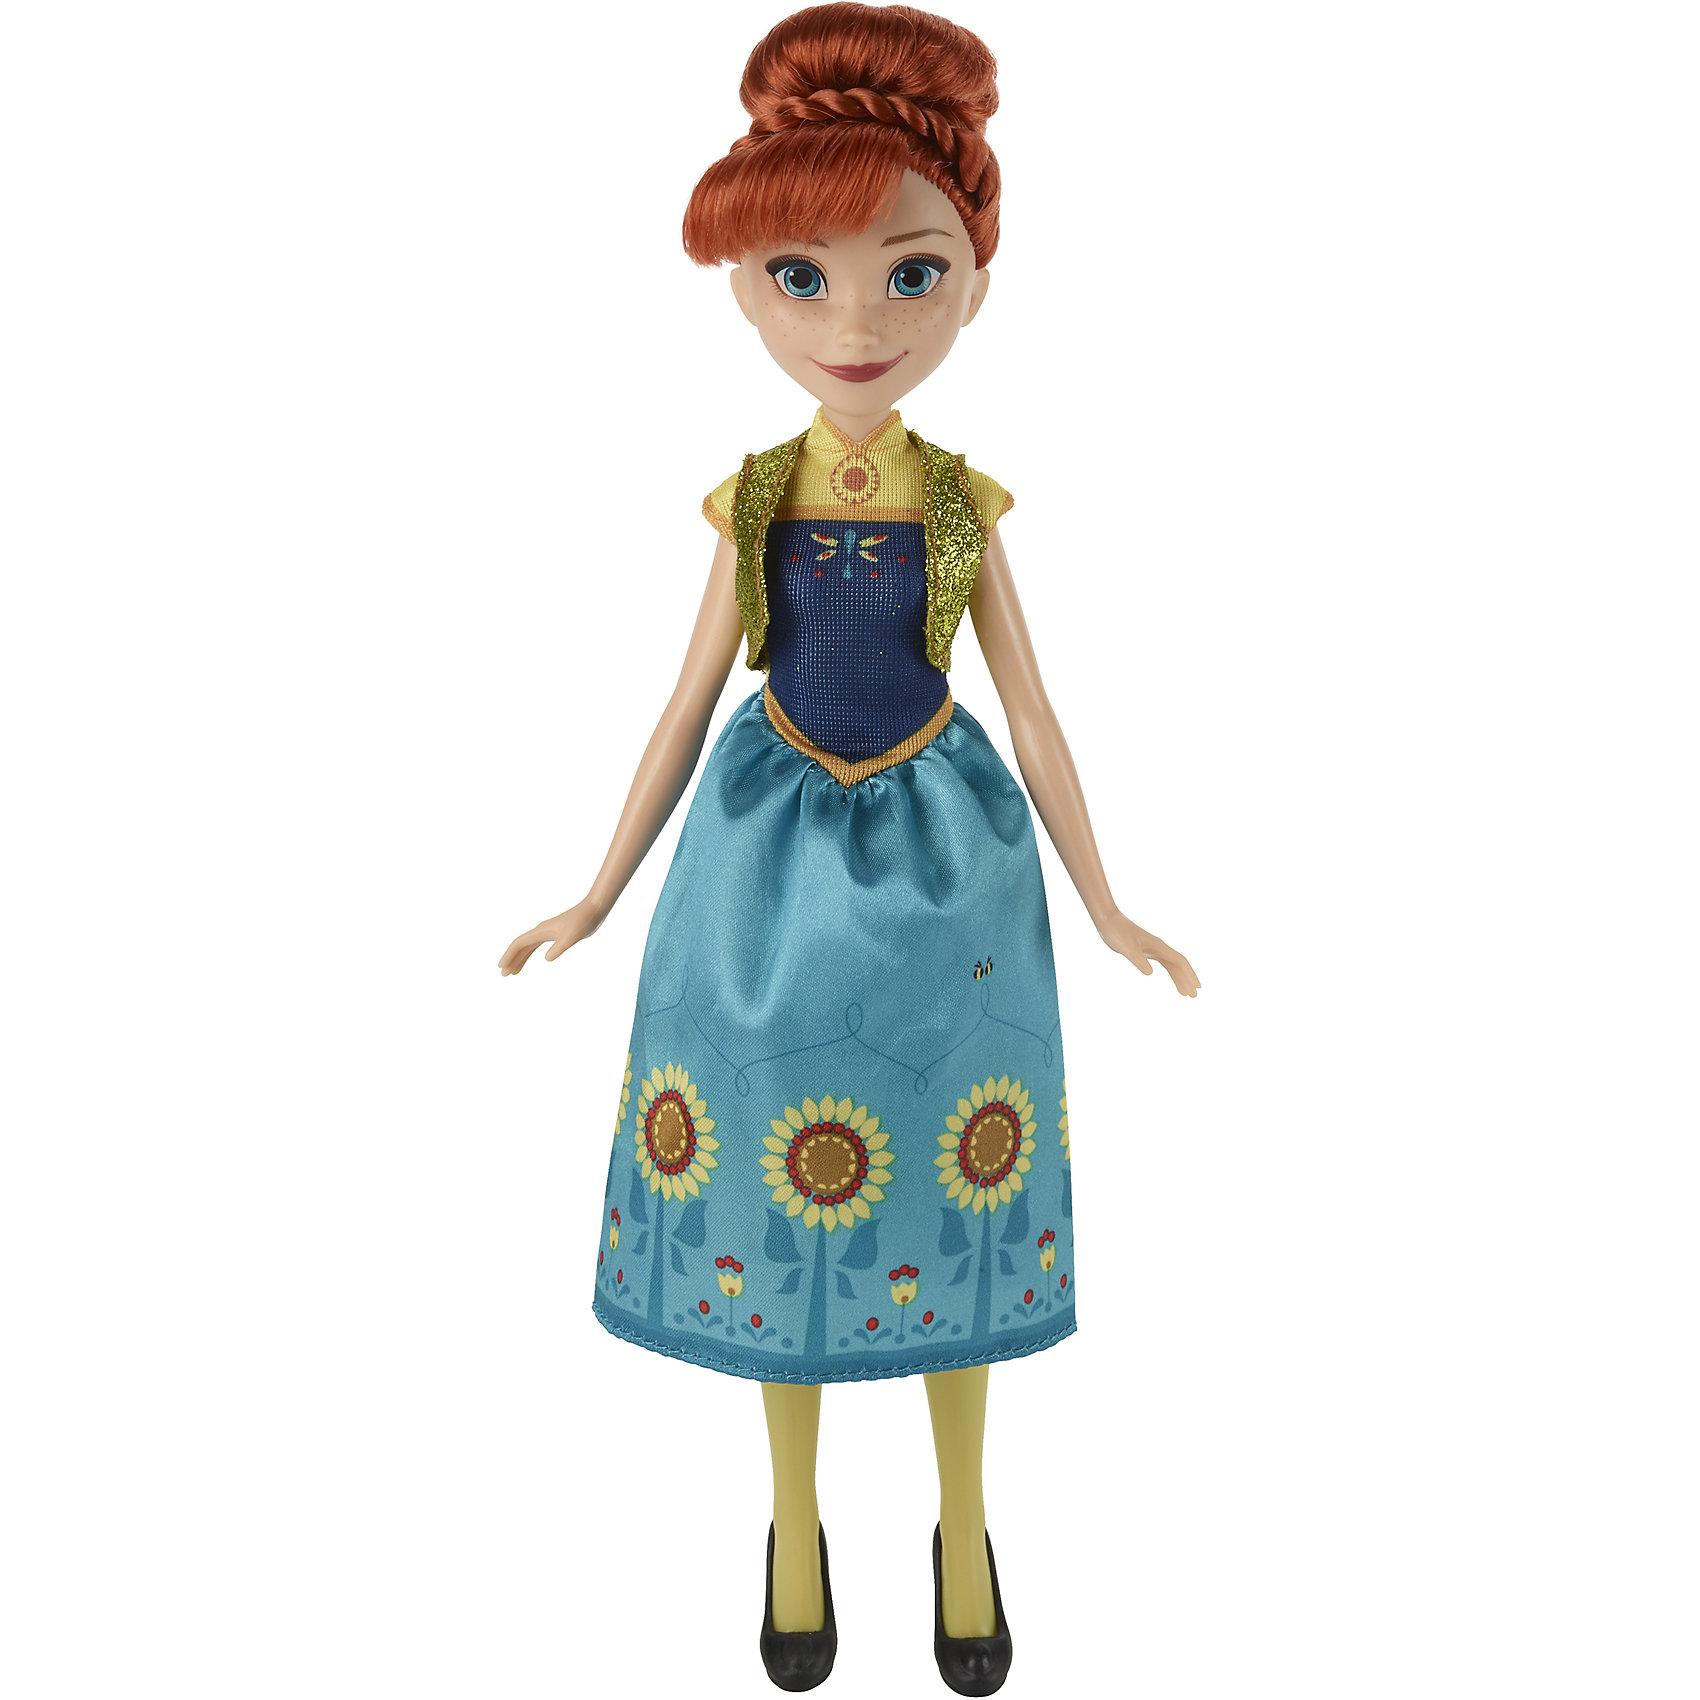 Кукла Холодное СердцеПопулярные игрушки<br>Куклы по минимальной цене. Эльза высотой 28см и Анна высотой 26см одеты в детализированные  наряды из короткометражки  Frozen Fever (Холодное торжество).У каждой куклы 5 точек артикуляции, наряды, которые можно снимать и надевать, обувь и уникальный аксессуар для волос.<br><br>Ширина мм: 51<br>Глубина мм: 152<br>Высота мм: 356<br>Вес г: 156<br>Возраст от месяцев: 36<br>Возраст до месяцев: 144<br>Пол: Женский<br>Возраст: Детский<br>SKU: 4874326